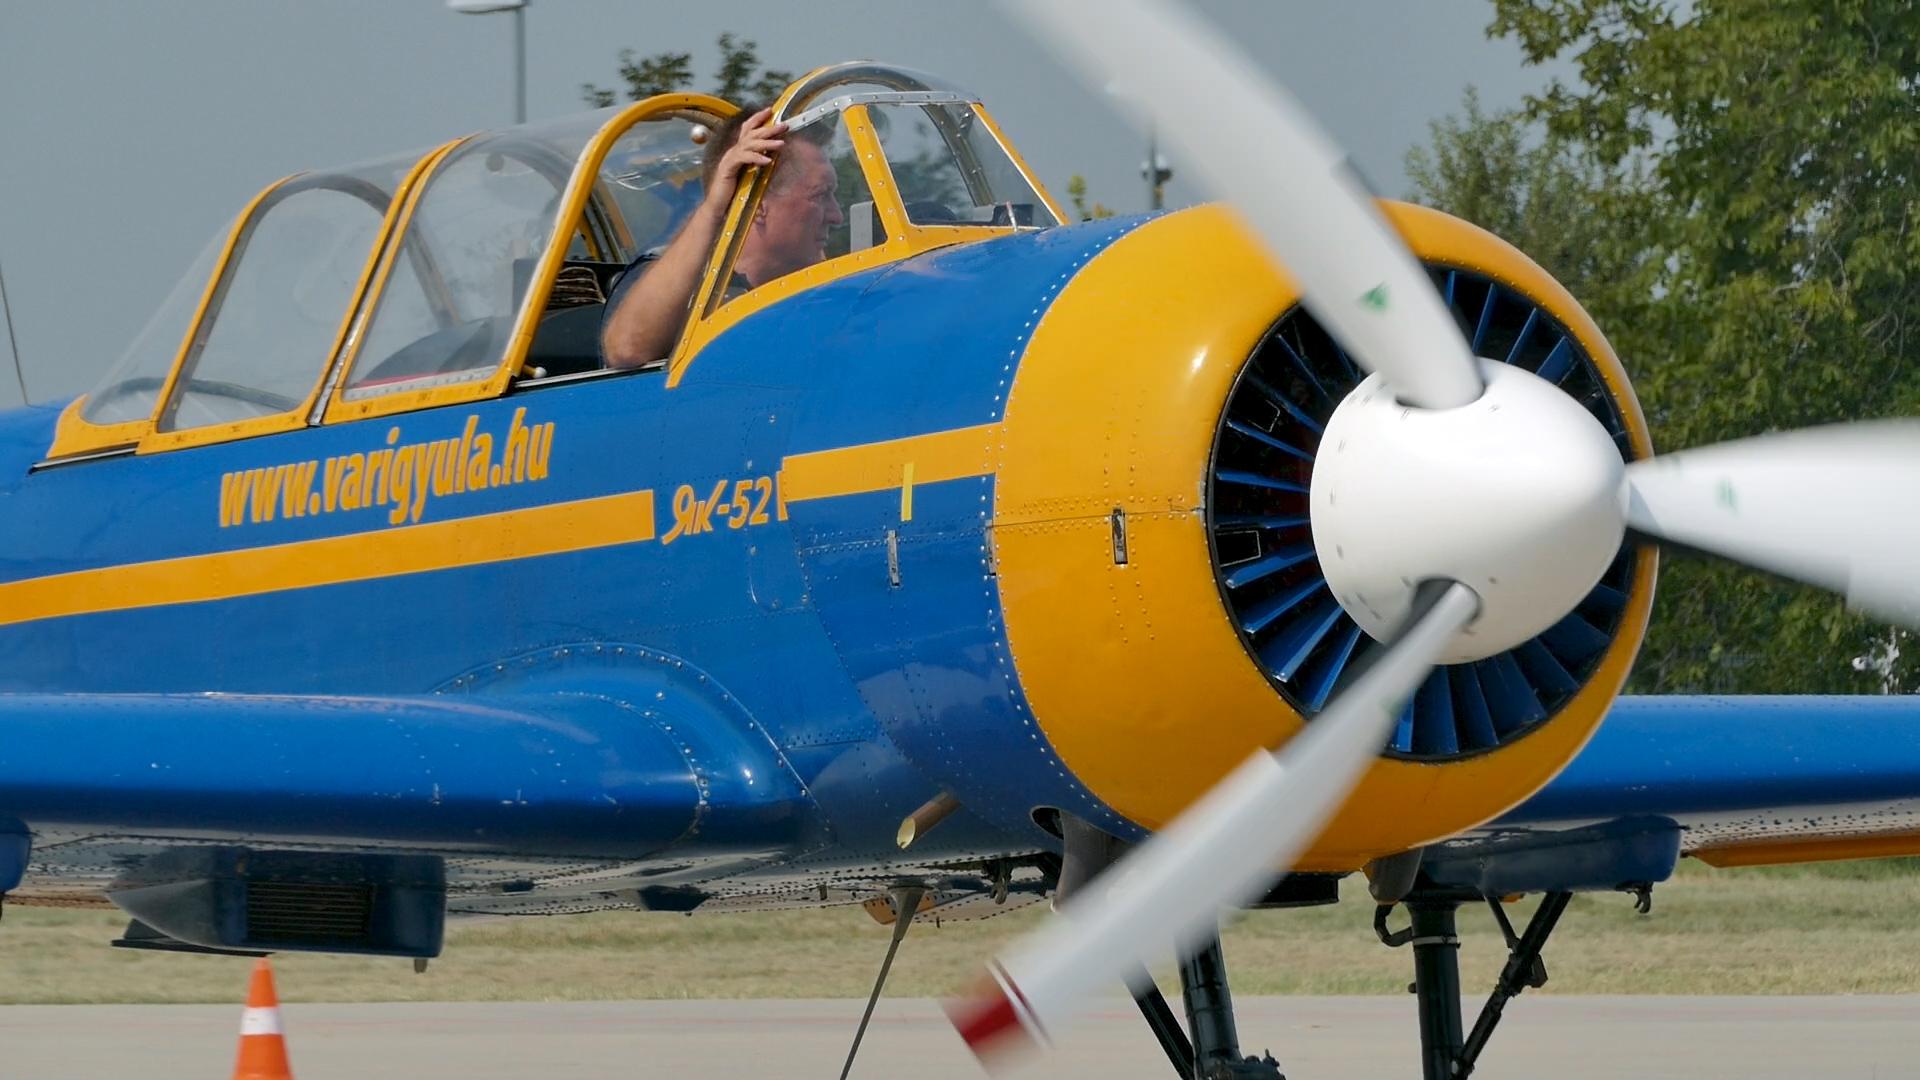 Repülőgép ellenőrzés és indítás Vári Gyulával